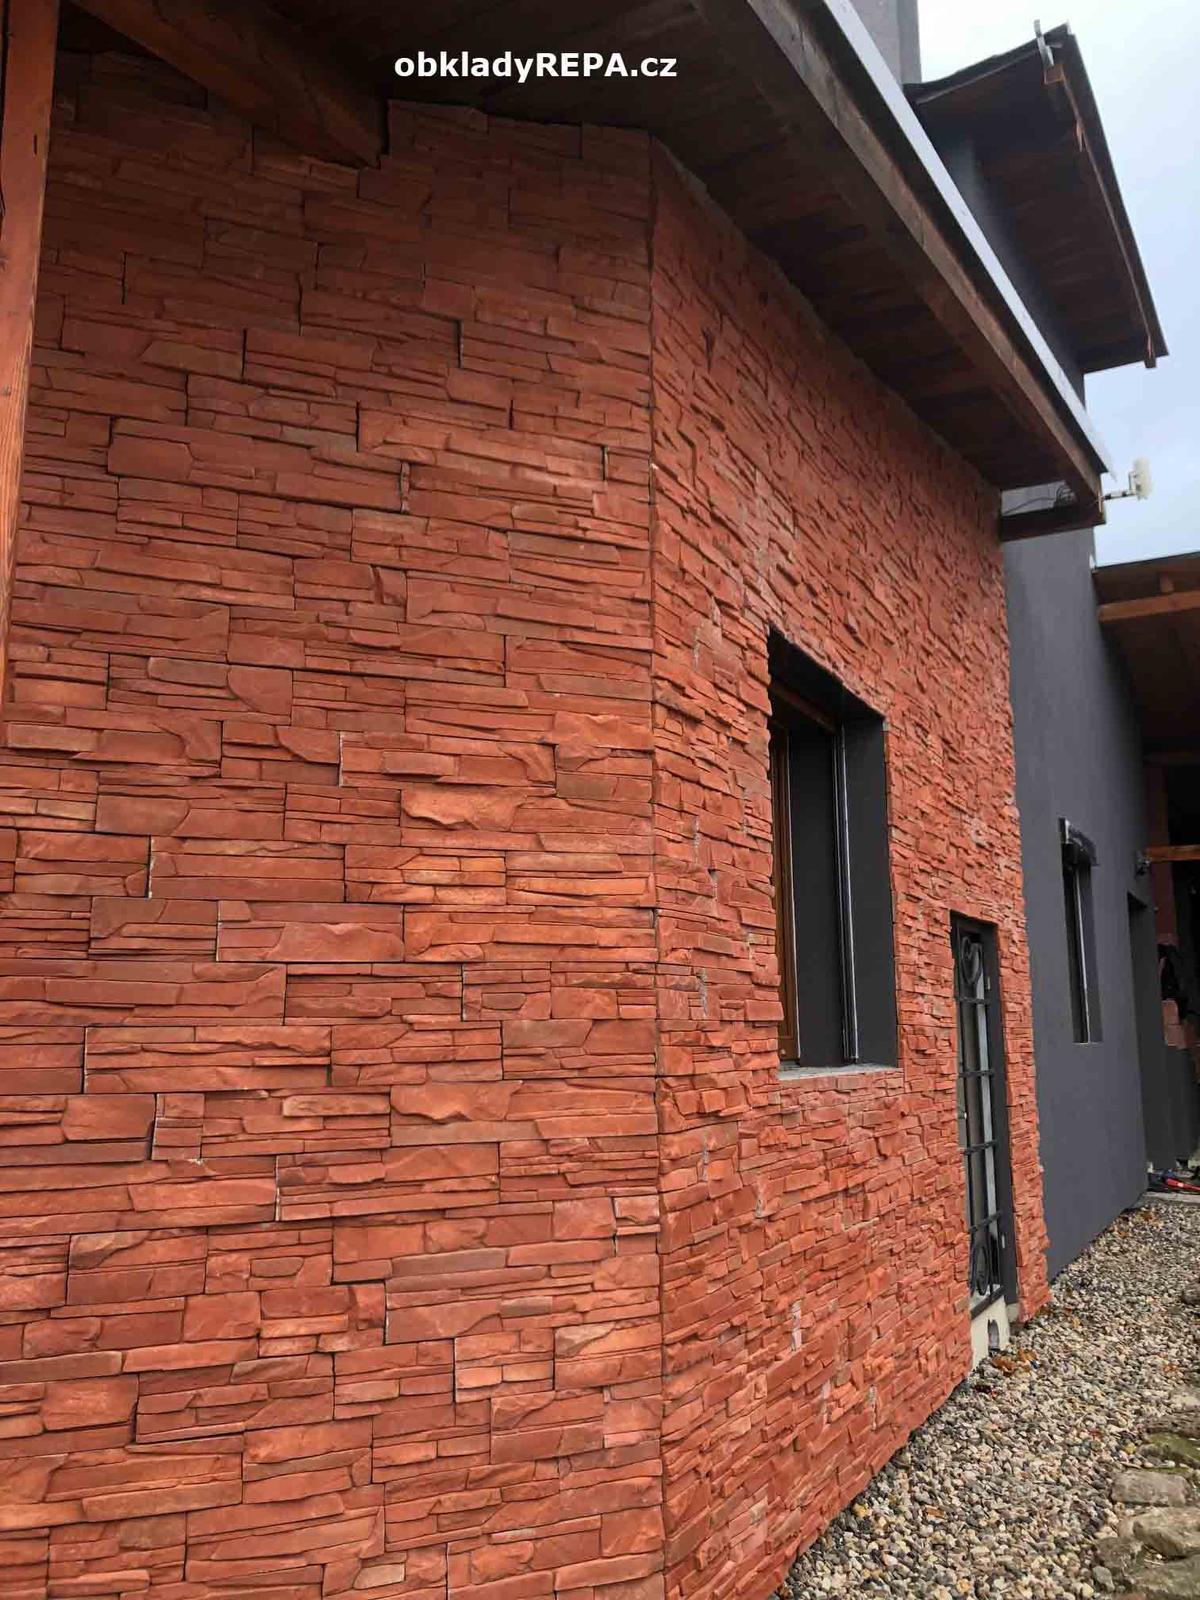 obkladyrepa - Věrná kopie přírodního kamene z betonového konglomerátu.